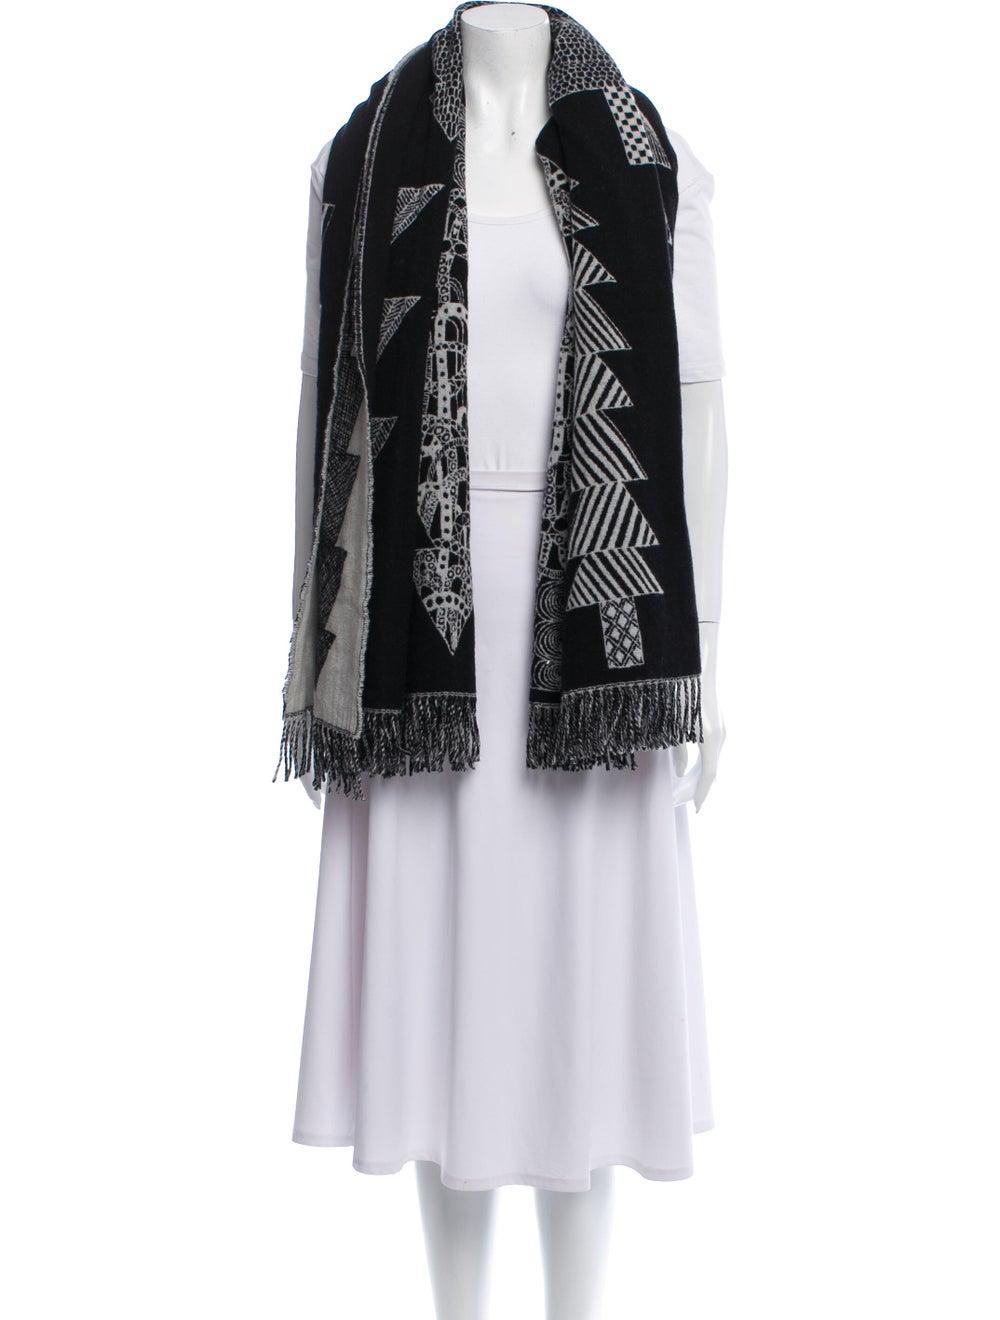 Marimekko Wool Printed Shawl Grey - image 3